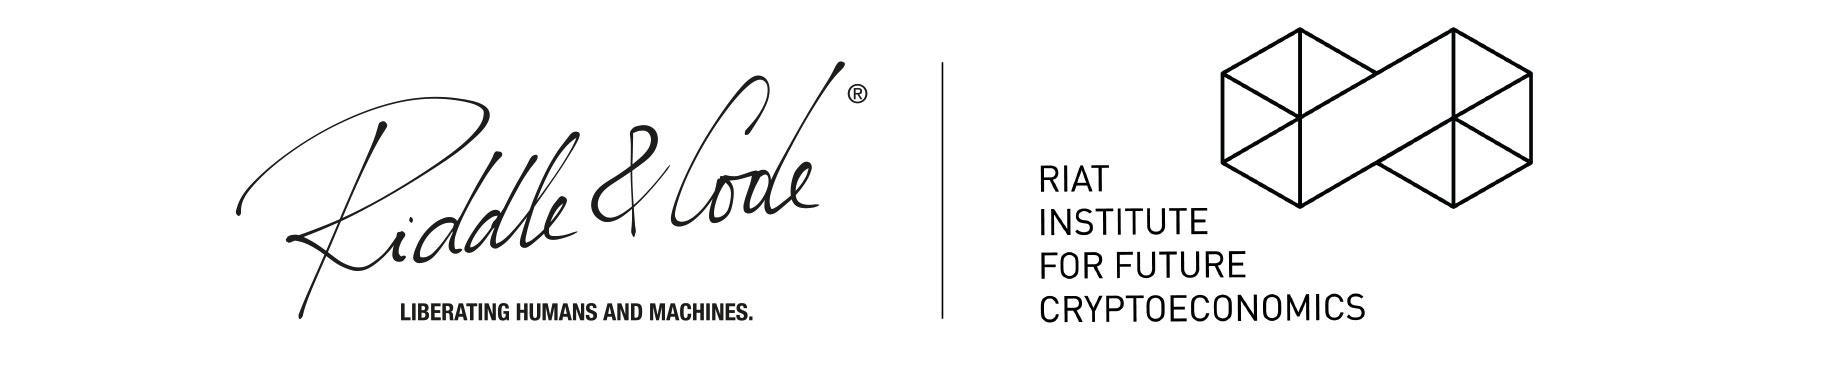 Logozeile_rand_weiss.jpg